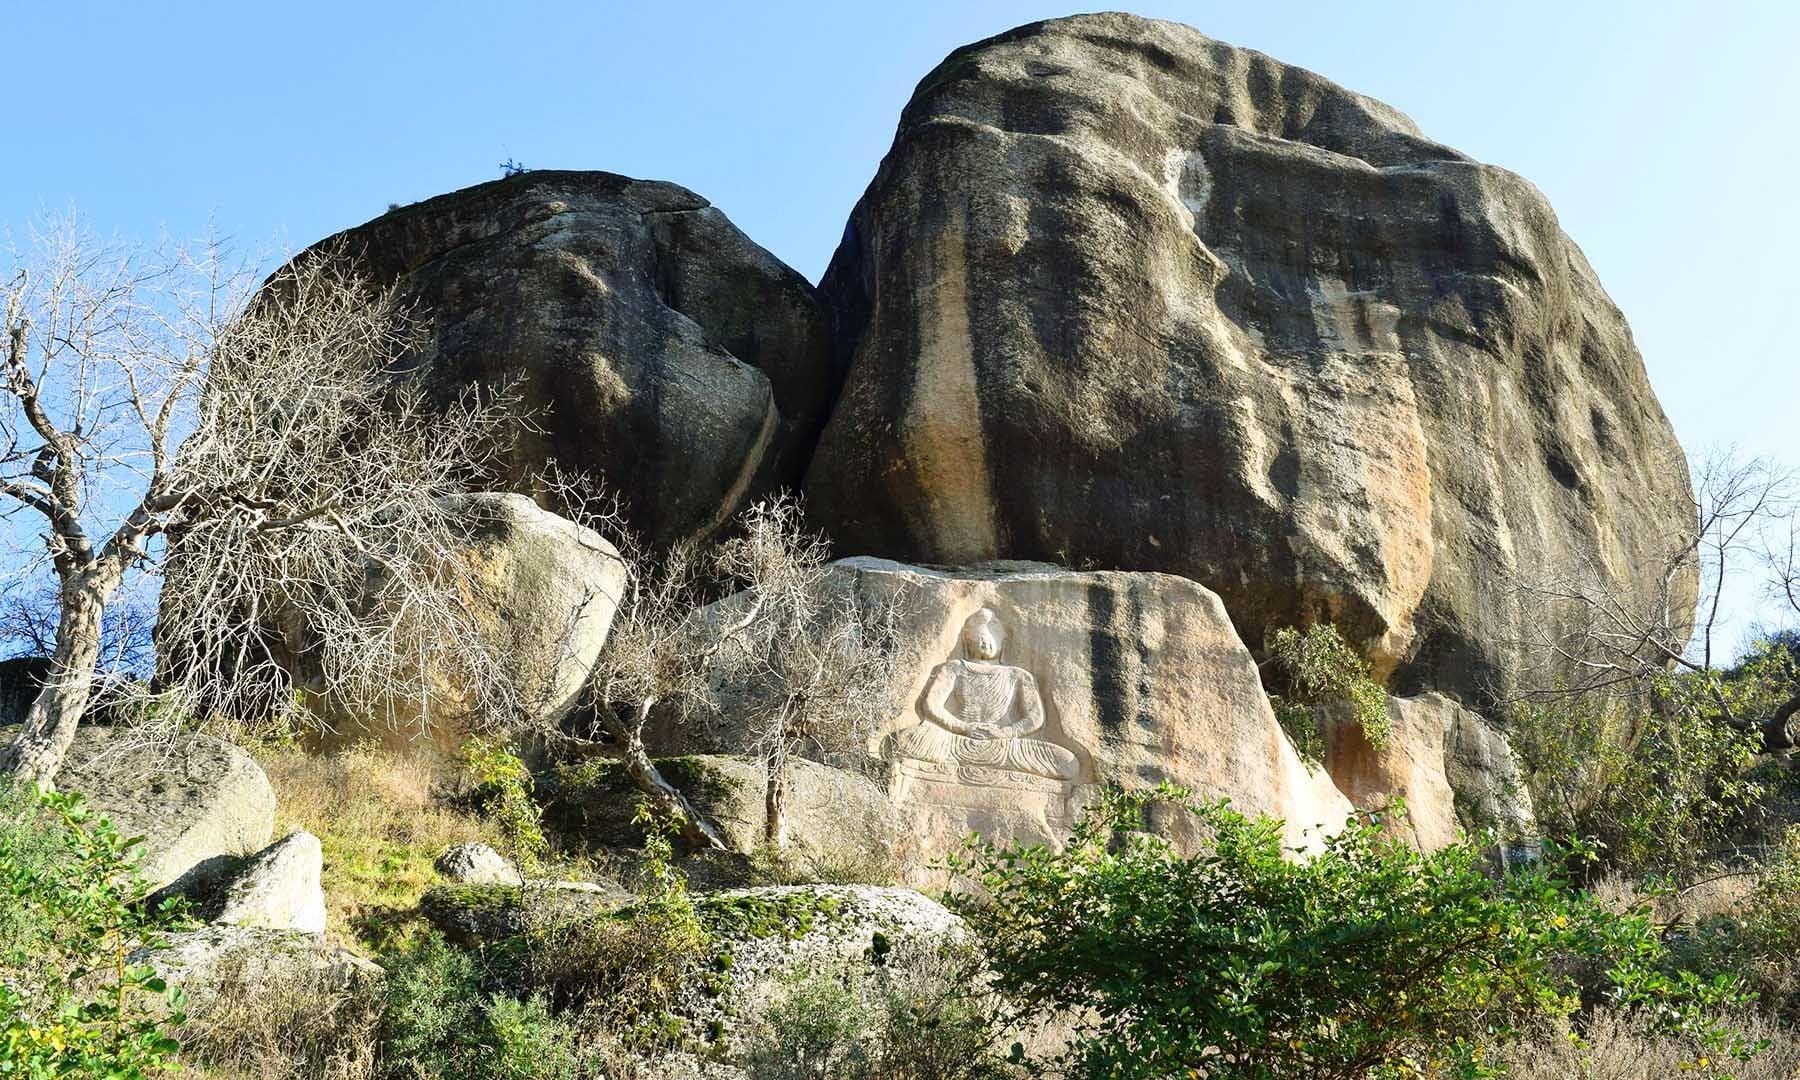 افغانستان کے بامیان کے بعد بدھا کا پتھروں میں کندہ کیا گیا اس خطے کا دوسرا بڑا مجسمہ ہے—تصویر امجد علی سحاب